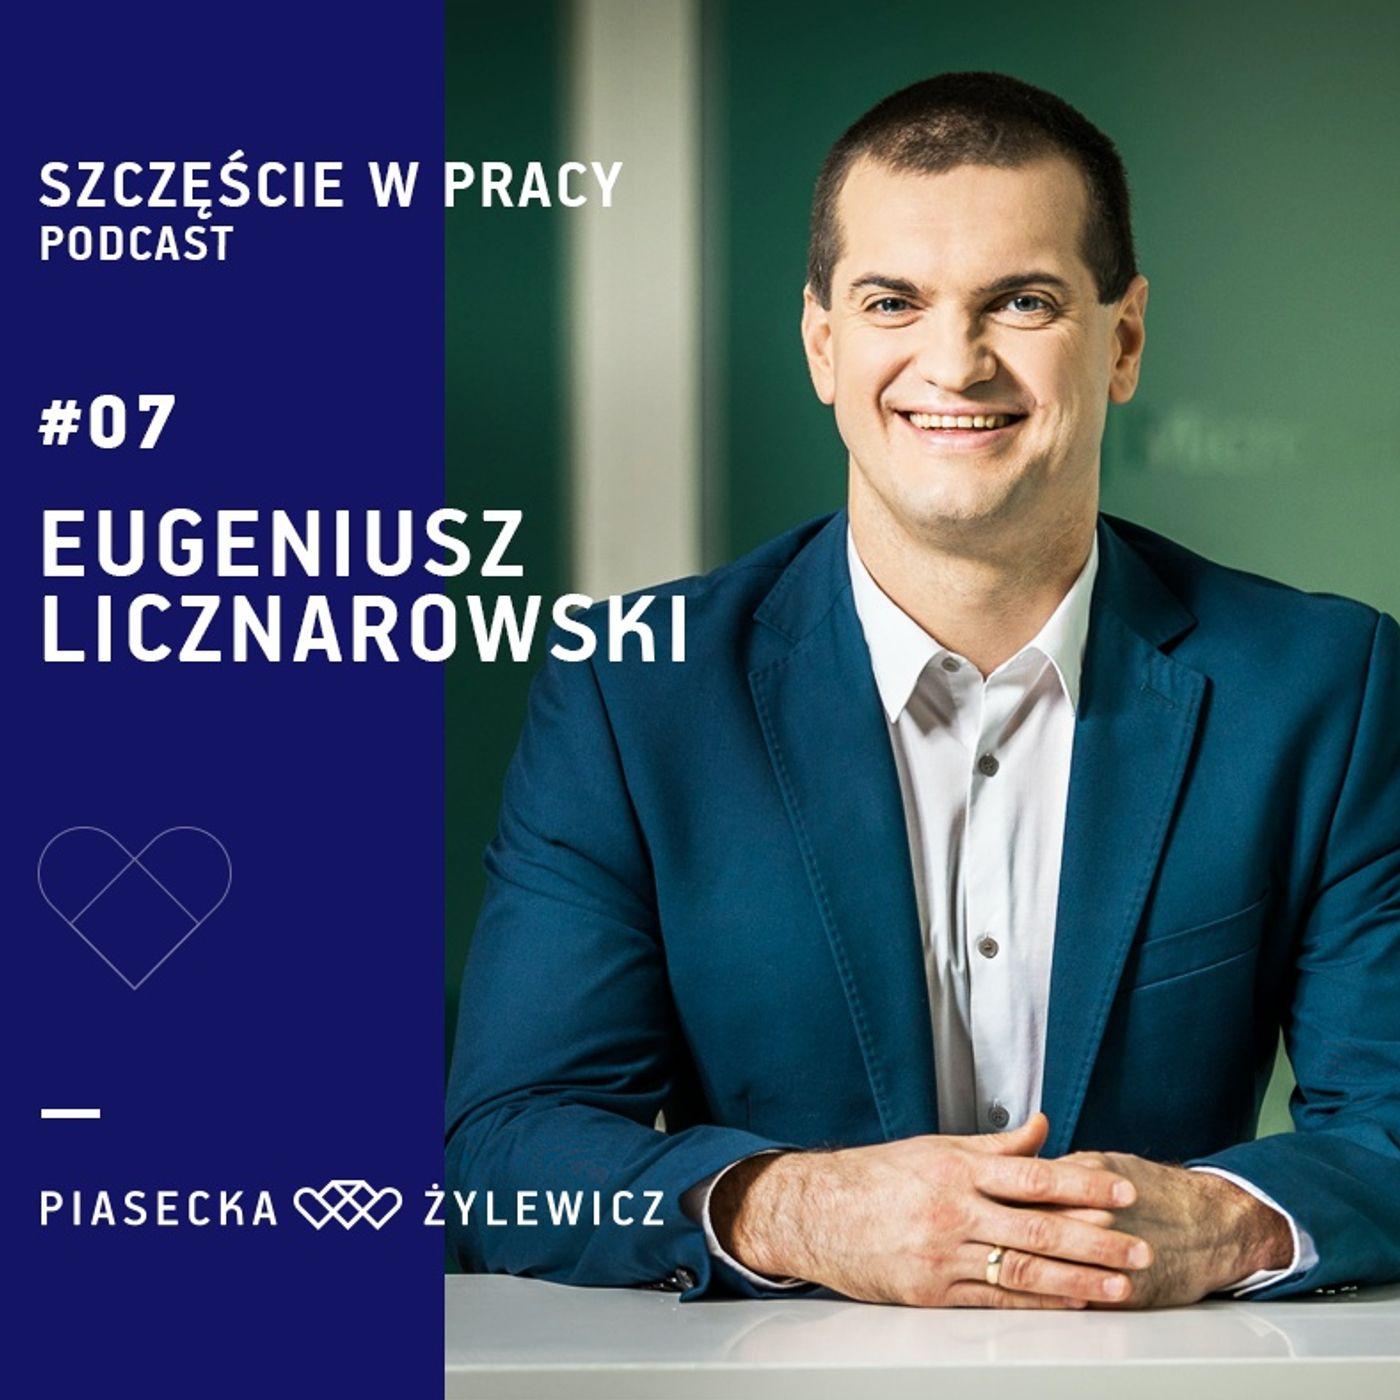 #07 Eugeniusz Licznarowski